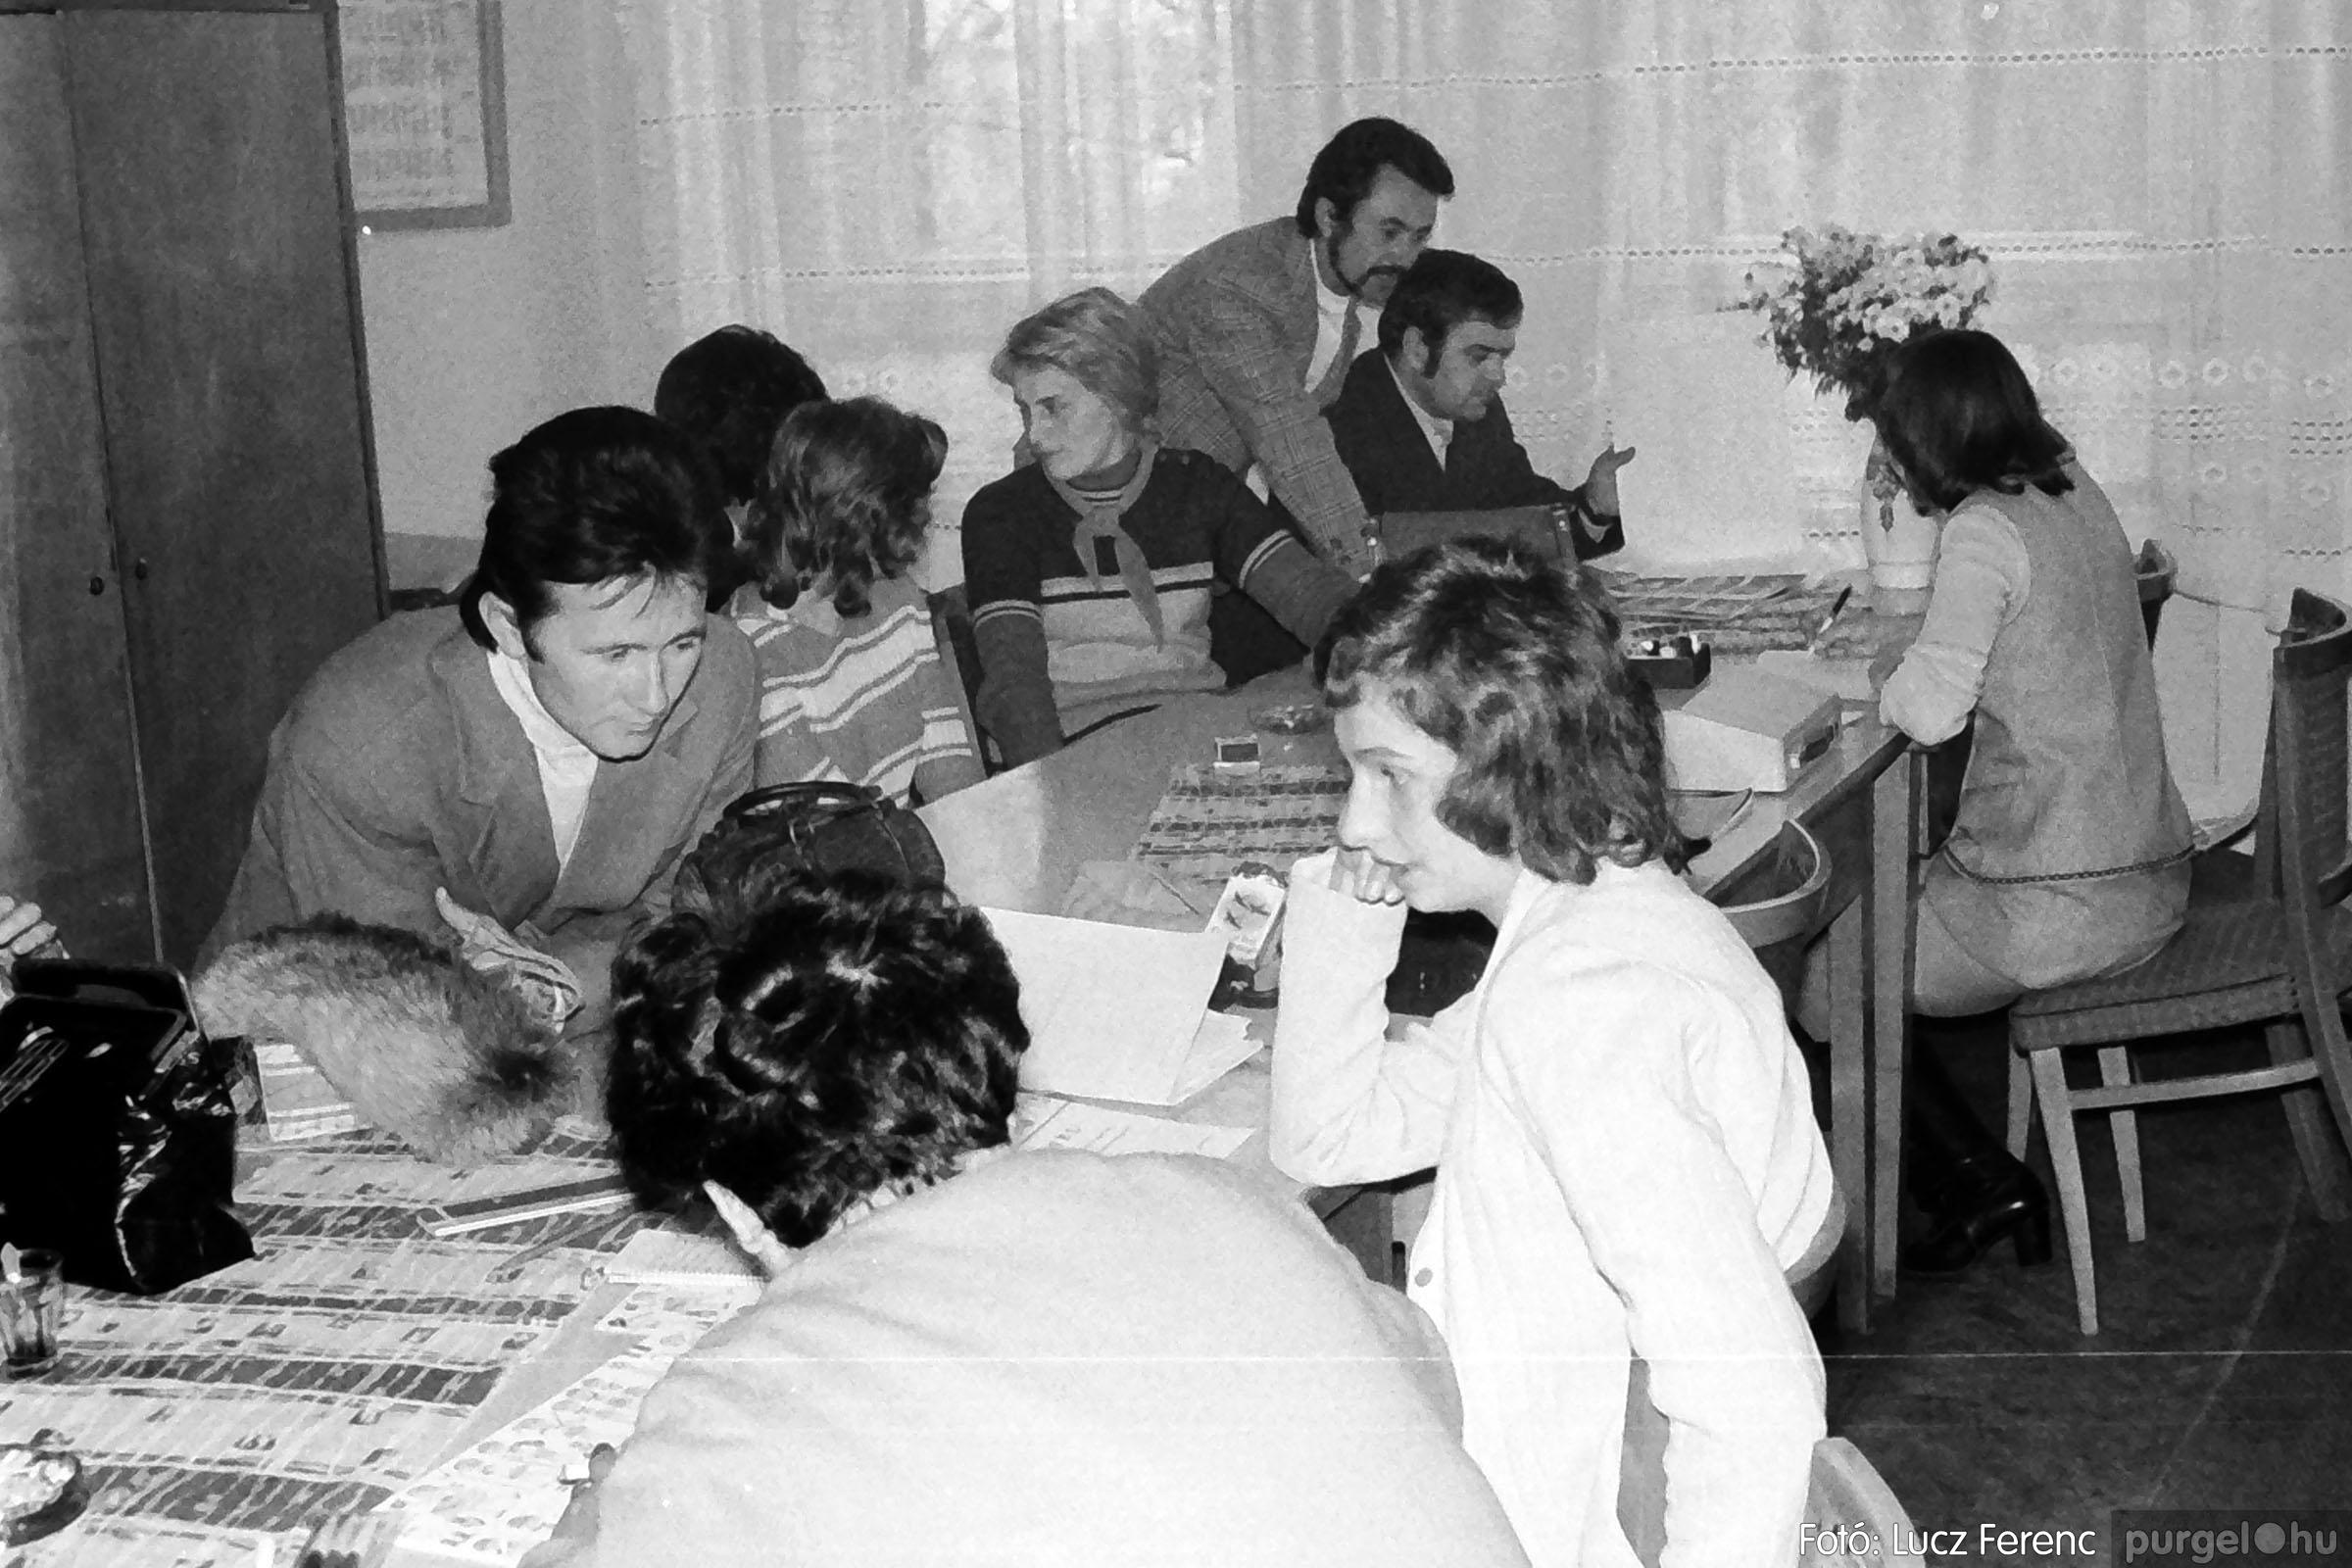 004A 1970-es évek - Úttörő rendezvény 013 - Fotó: Lucz Ferenc IMG00024q.jpg